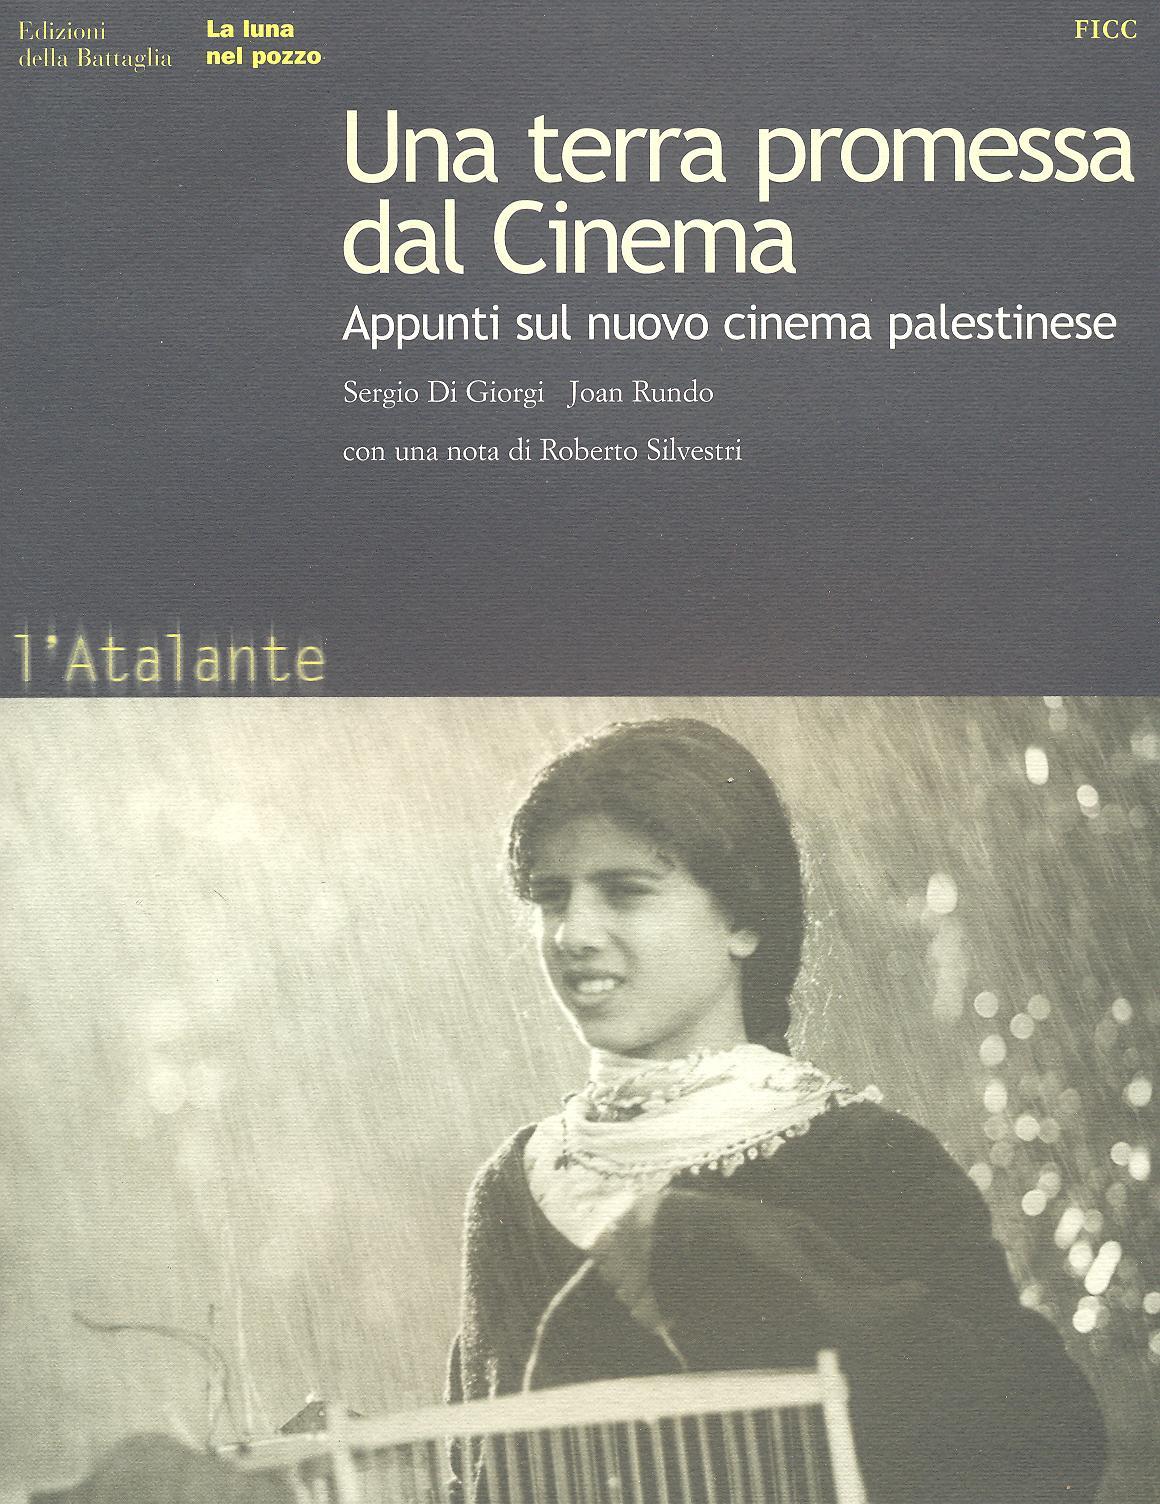 Una terra promessa dal Cinema